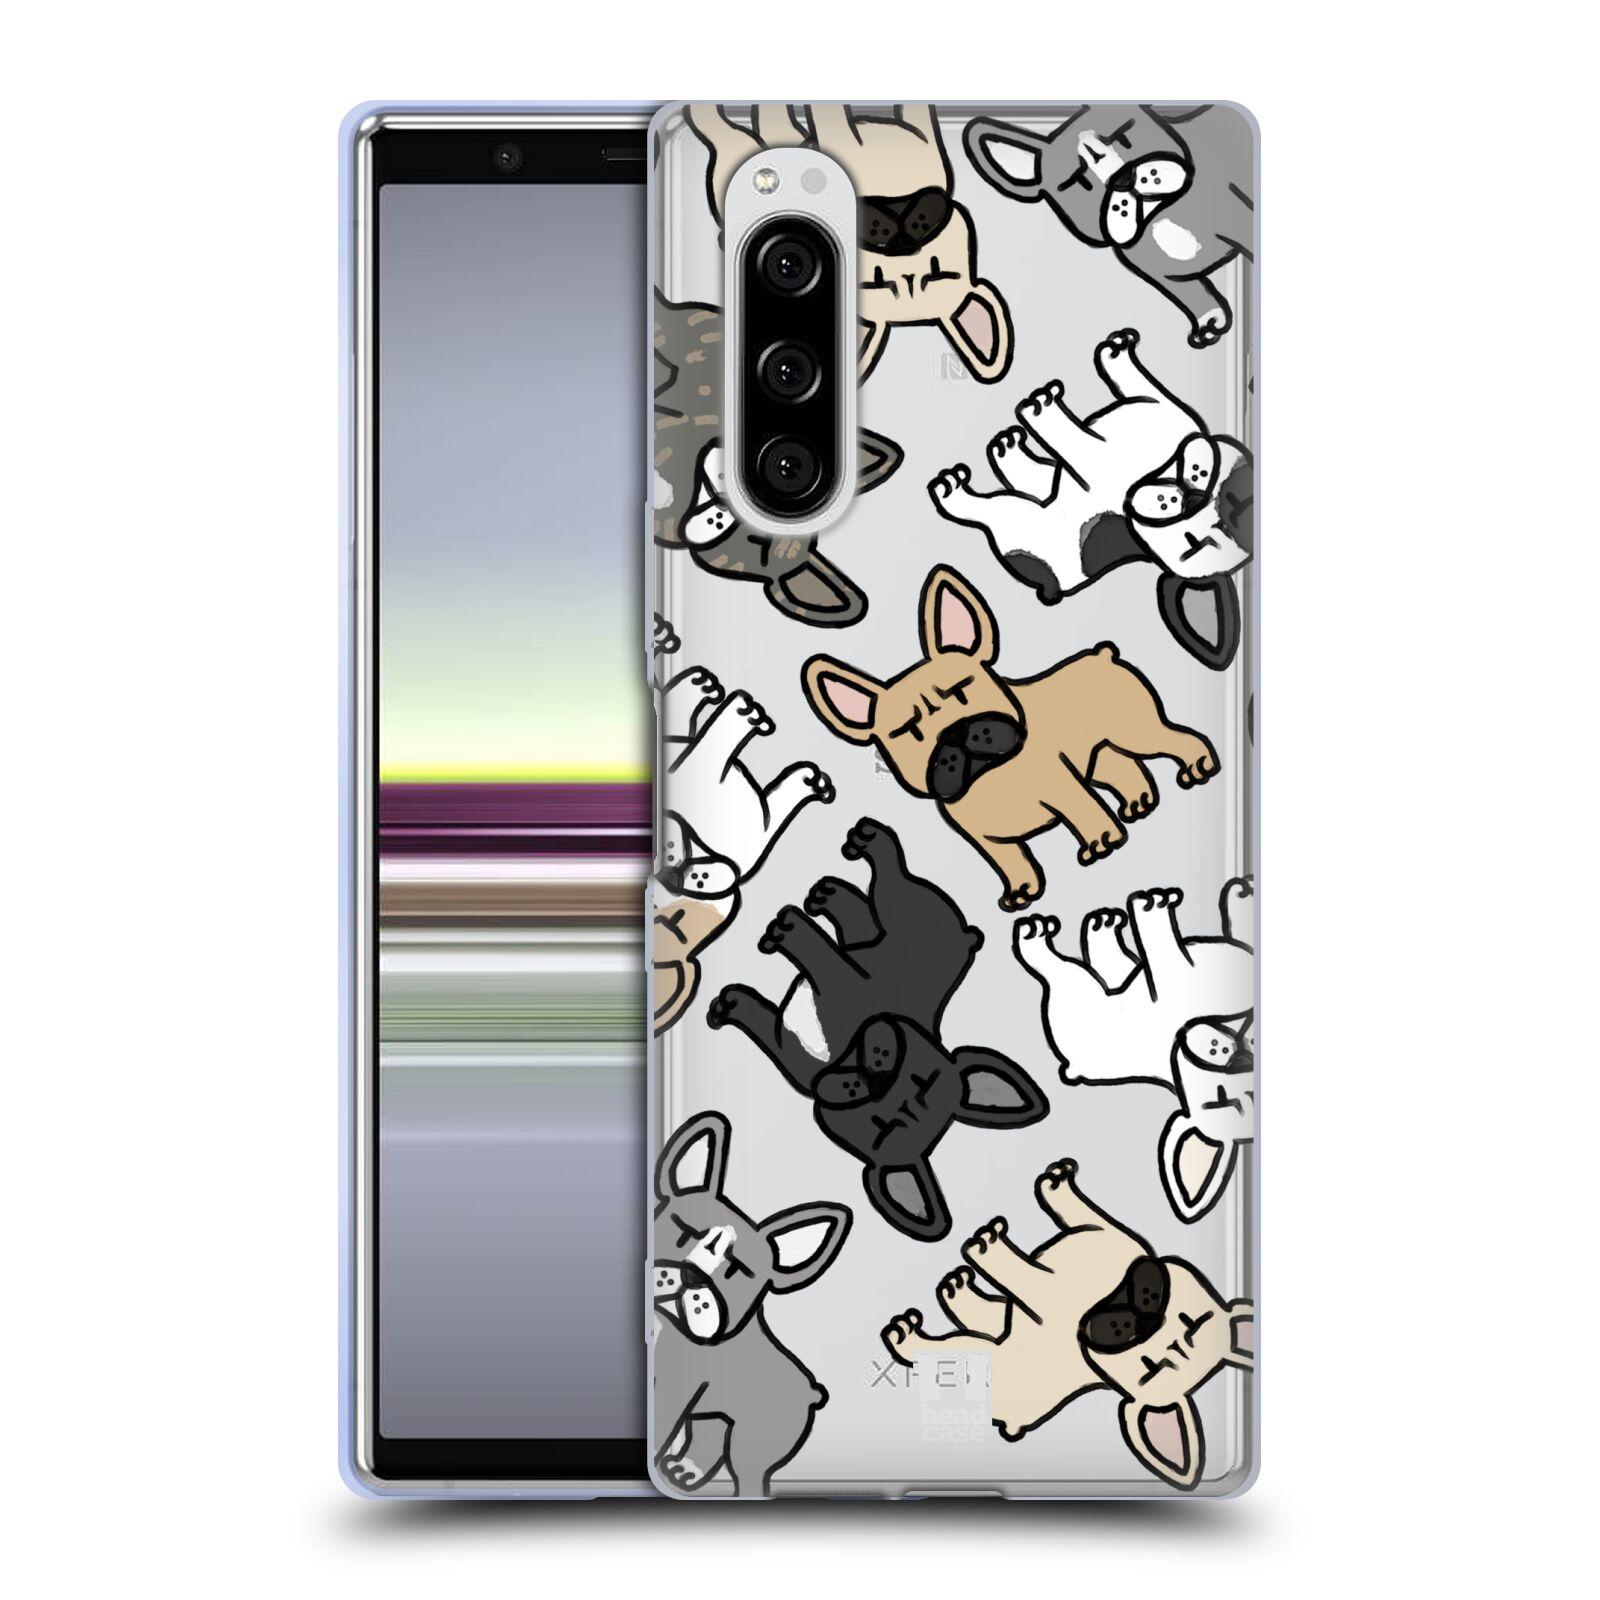 Silikonové pouzdro na mobil Sony Xperia 5 - Head Case - Francouzští buldočci